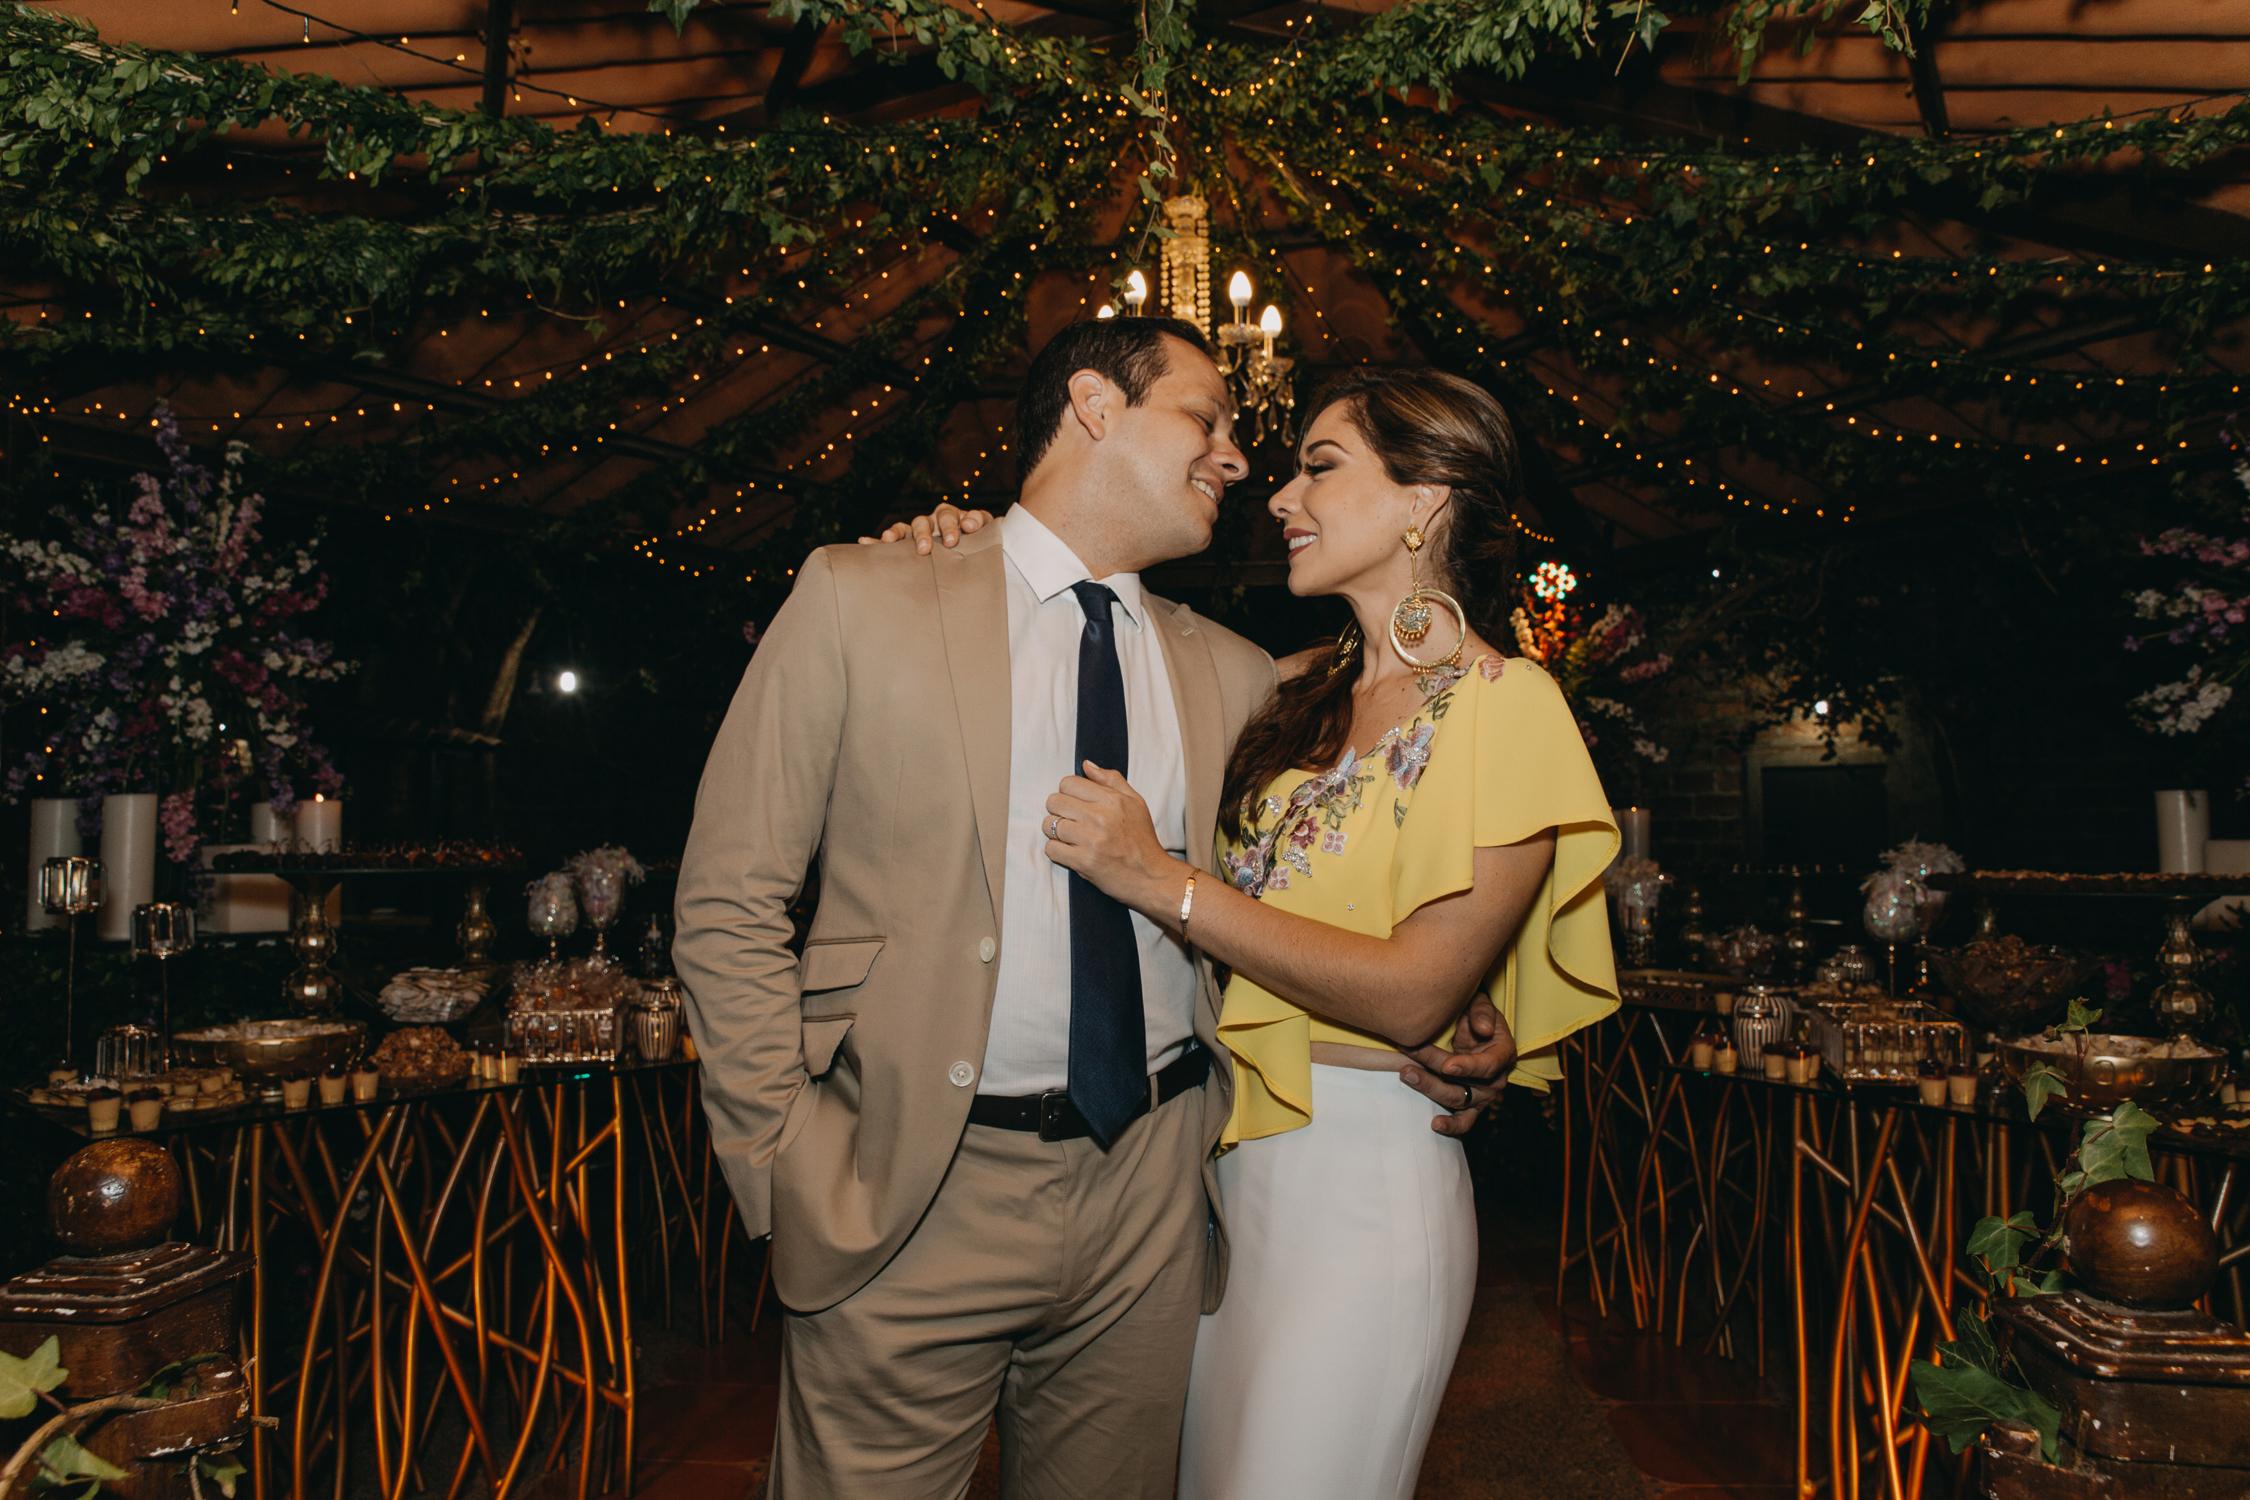 Michelle-Agurto-Fotografia-Bodas-Ecuador-Destination-Wedding-Photographer-Cristi-Luis-138.JPG